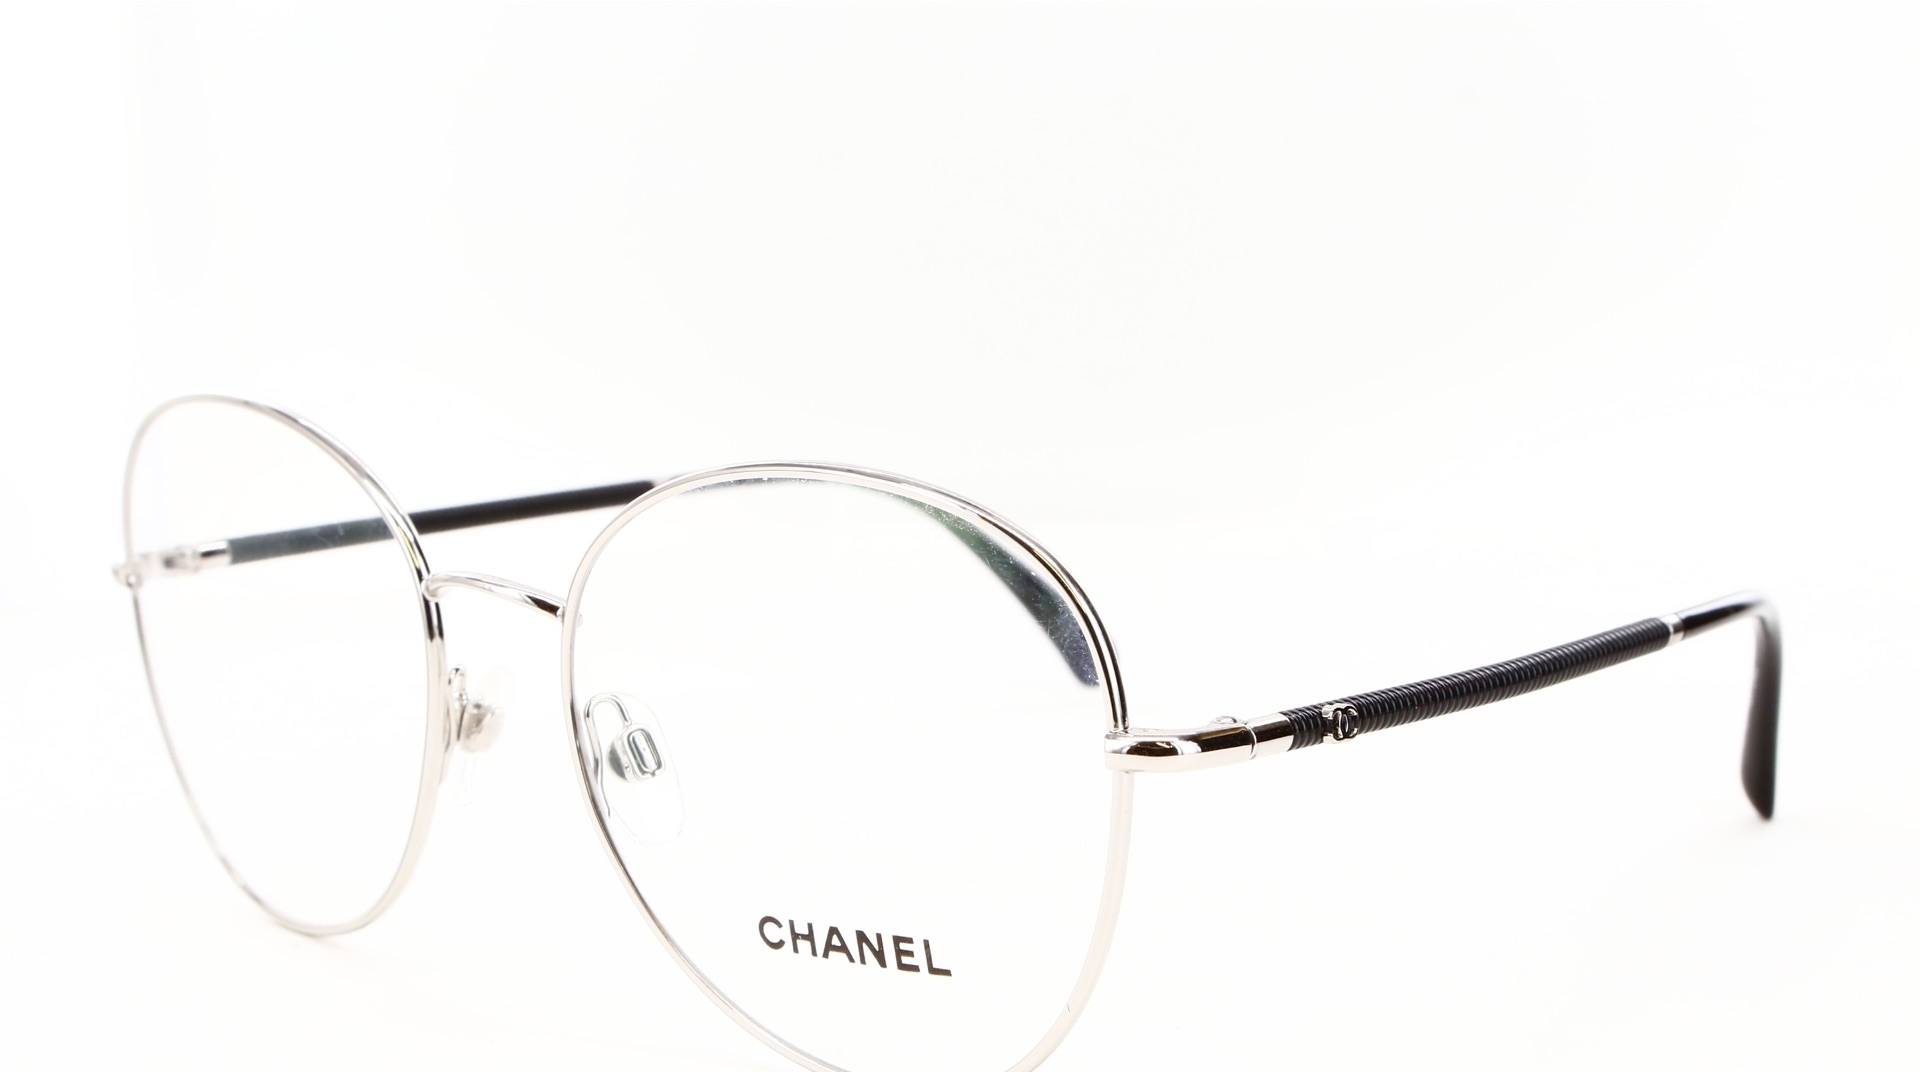 Chanel - ref: 79701